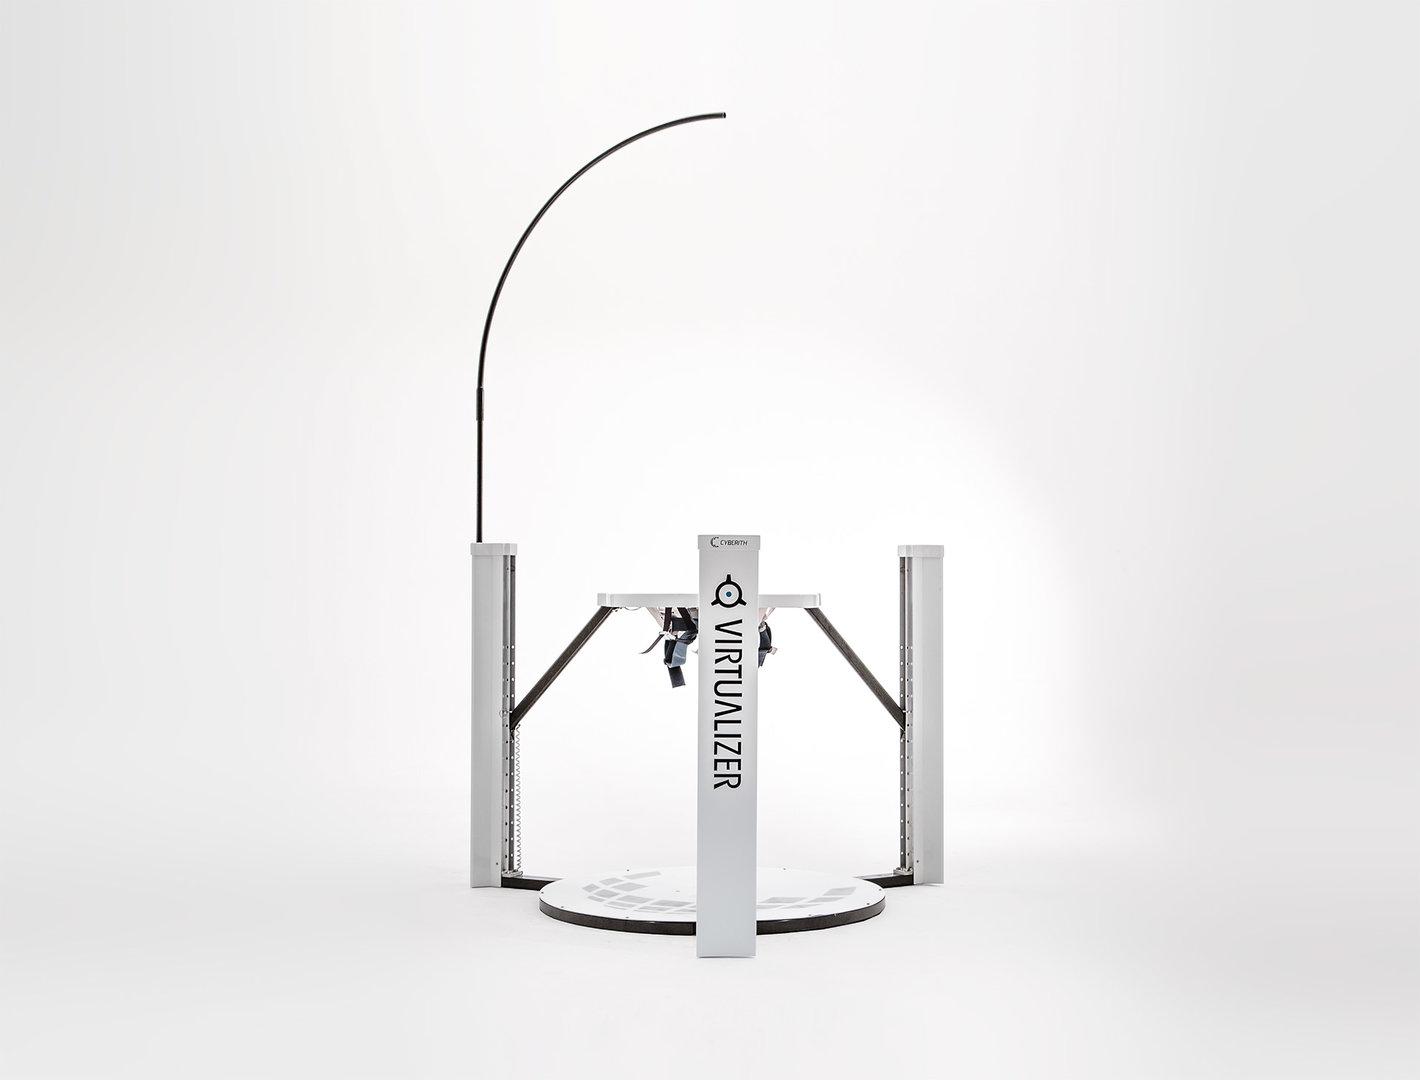 Virtualizer – Aufbau des Systems mit Arm zur Kabelführung